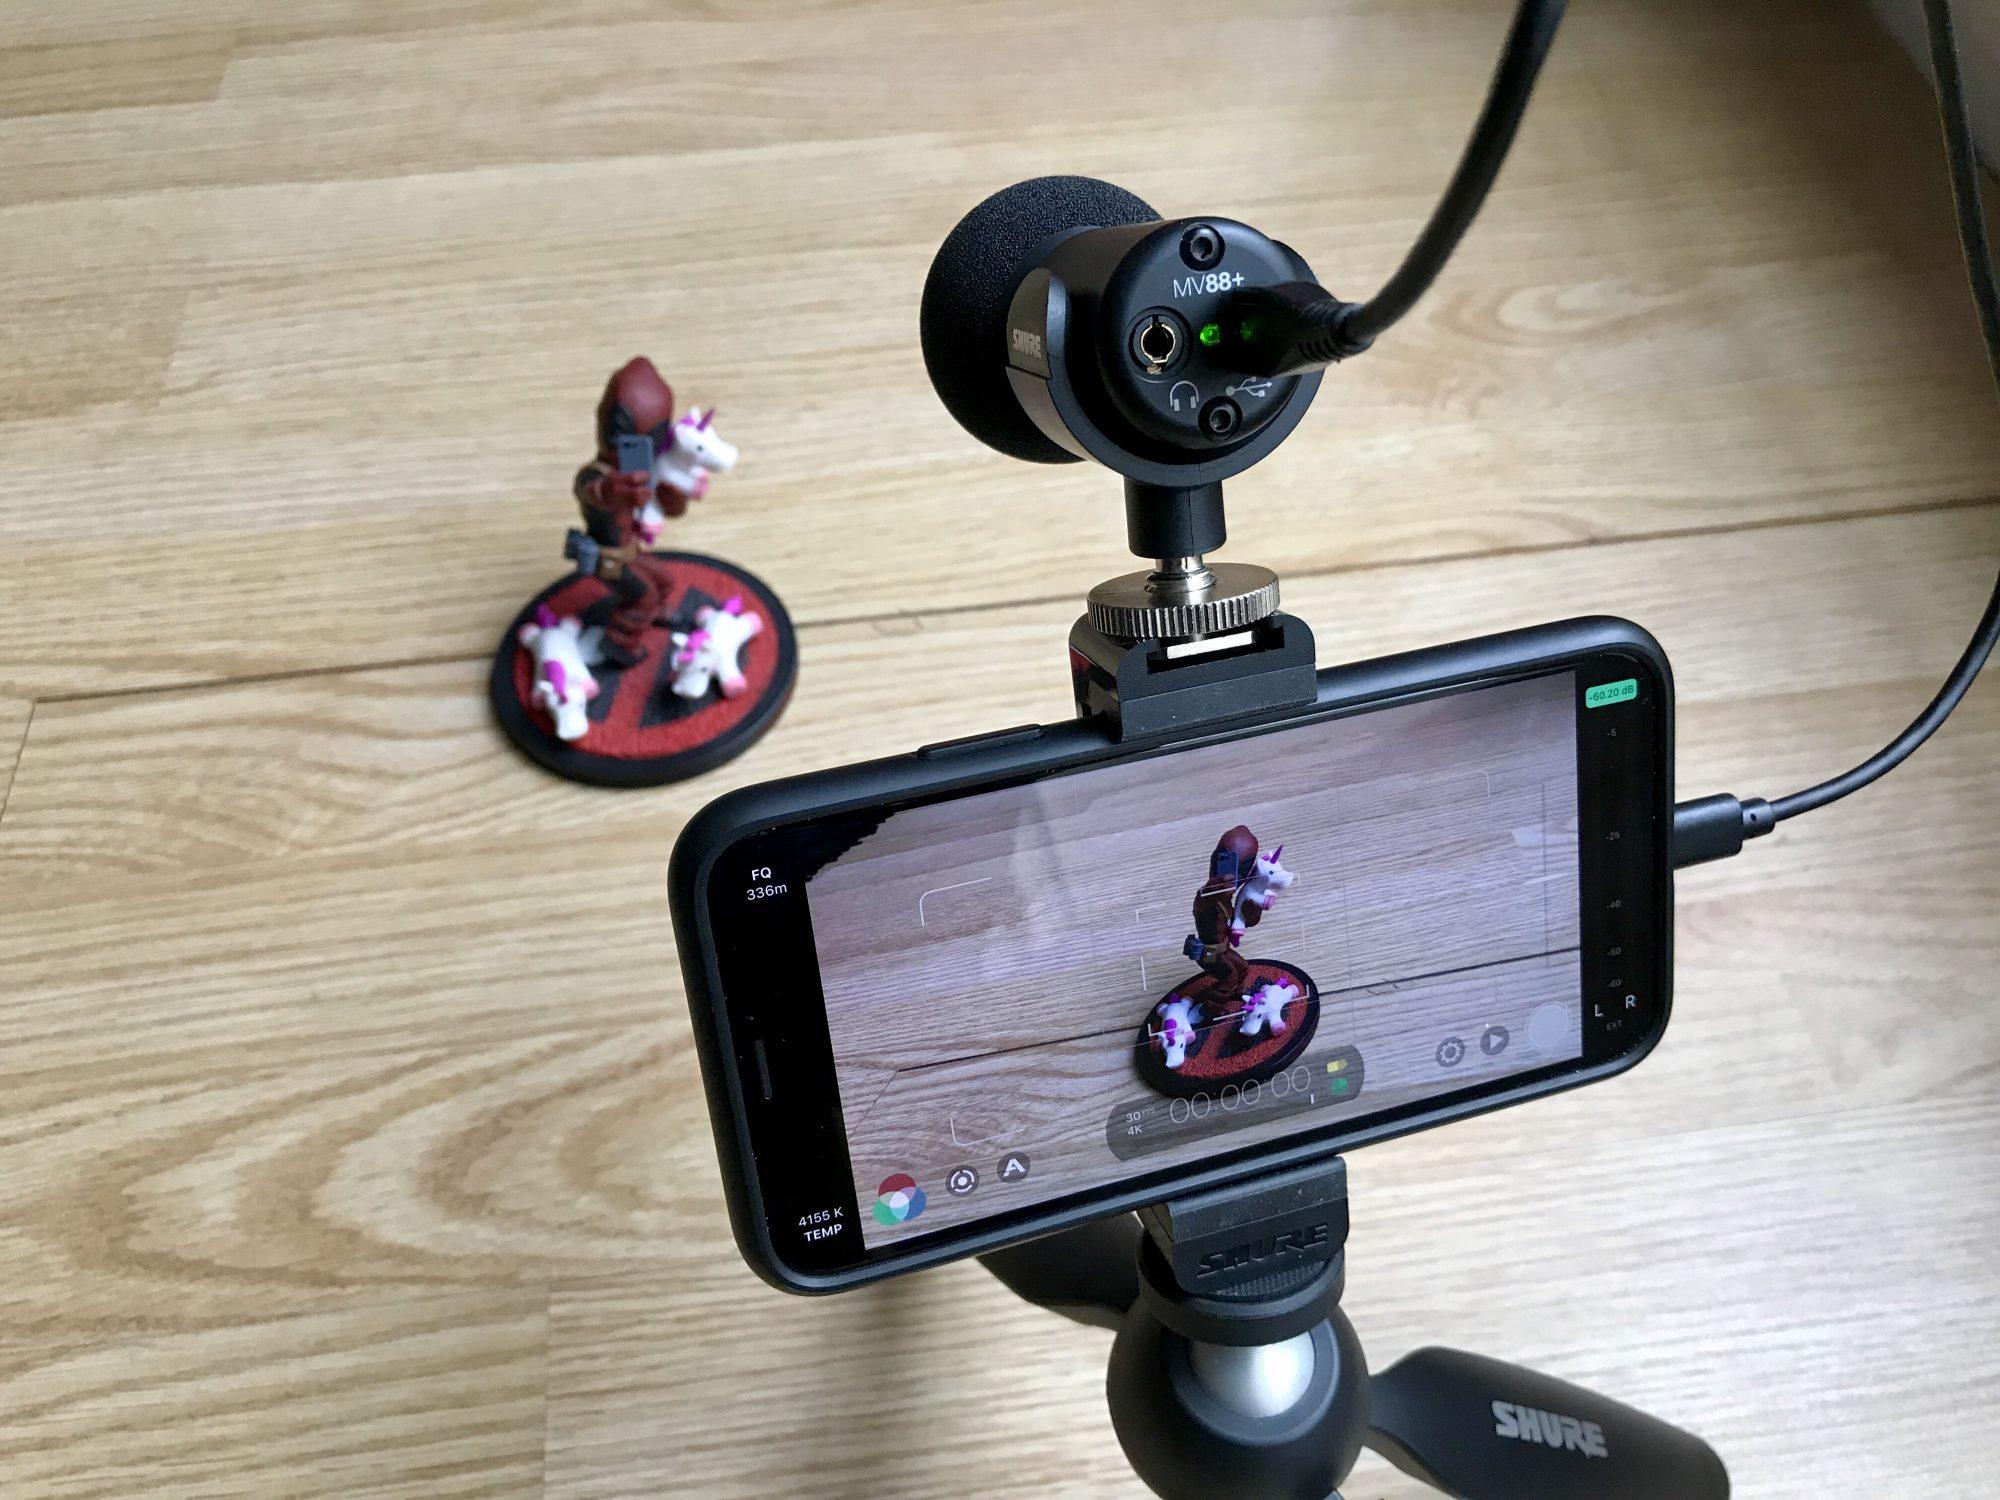 Avant son test : déballage et découverte en images du micro pour smartphone, le Shure MV88+ 1